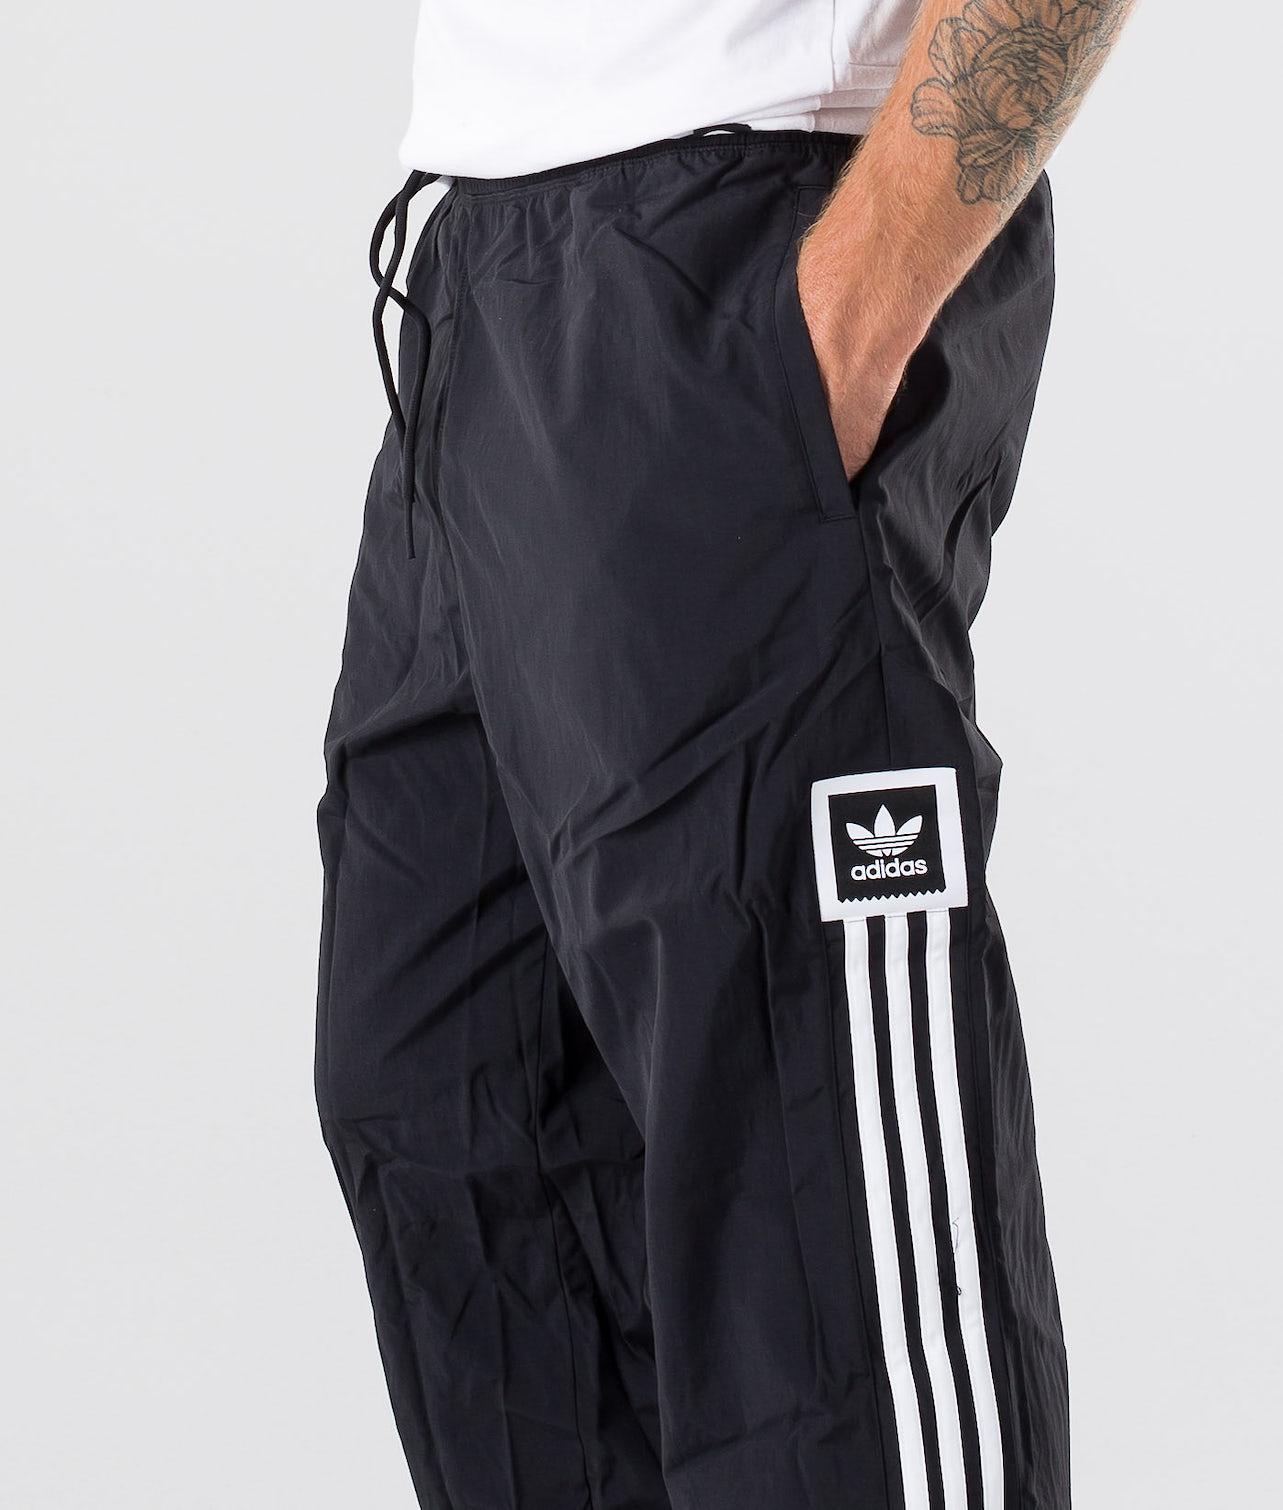 Adidas Skateboarding Standard Wind Bukser Black/White